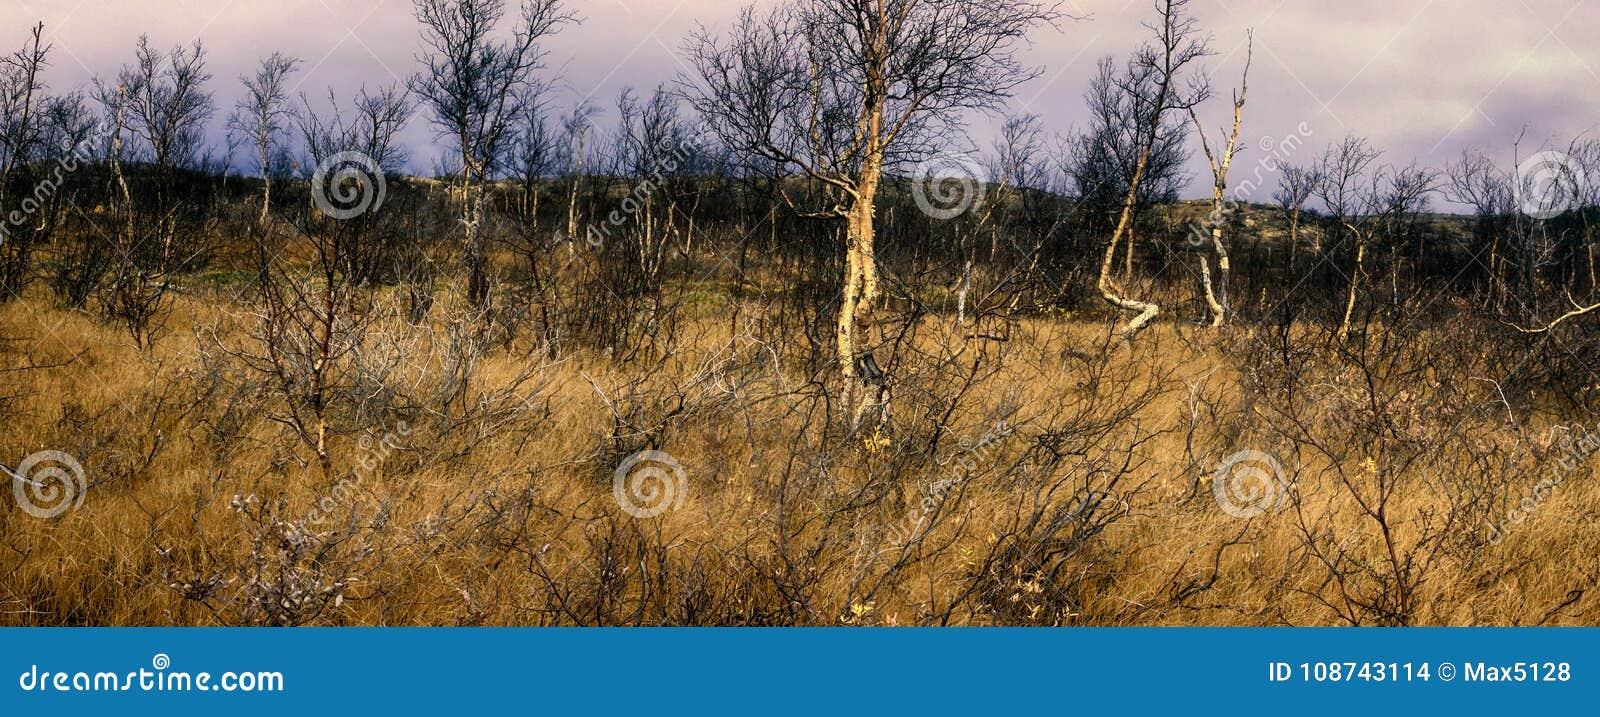 Δασικός-tundra στα μέσα του φθινοπώρου - στριμμένη σημύδα